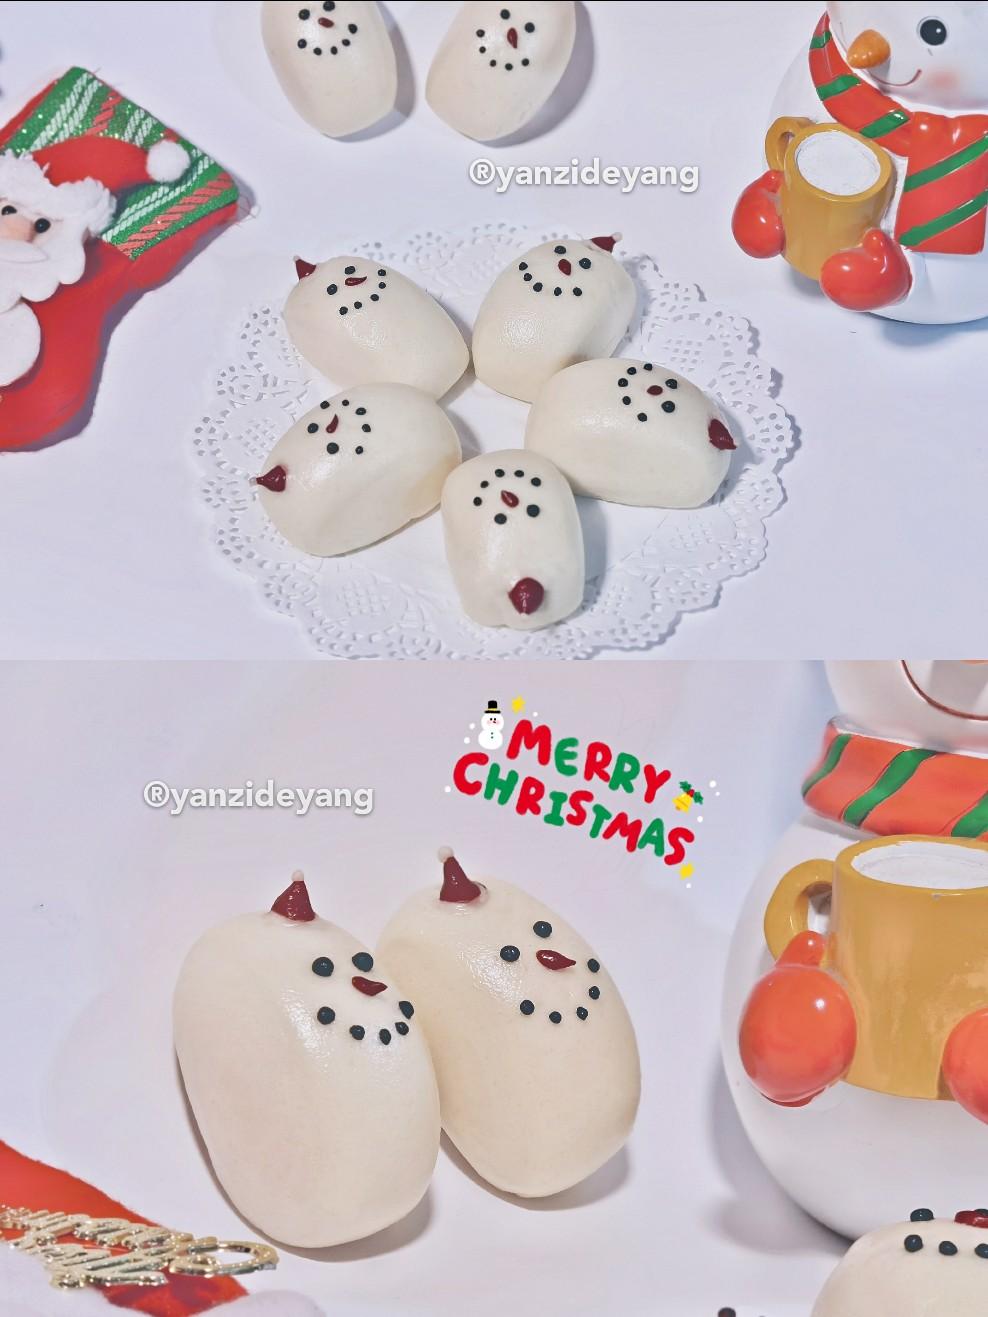 最萌的奶香圣诞节雪人小刀切